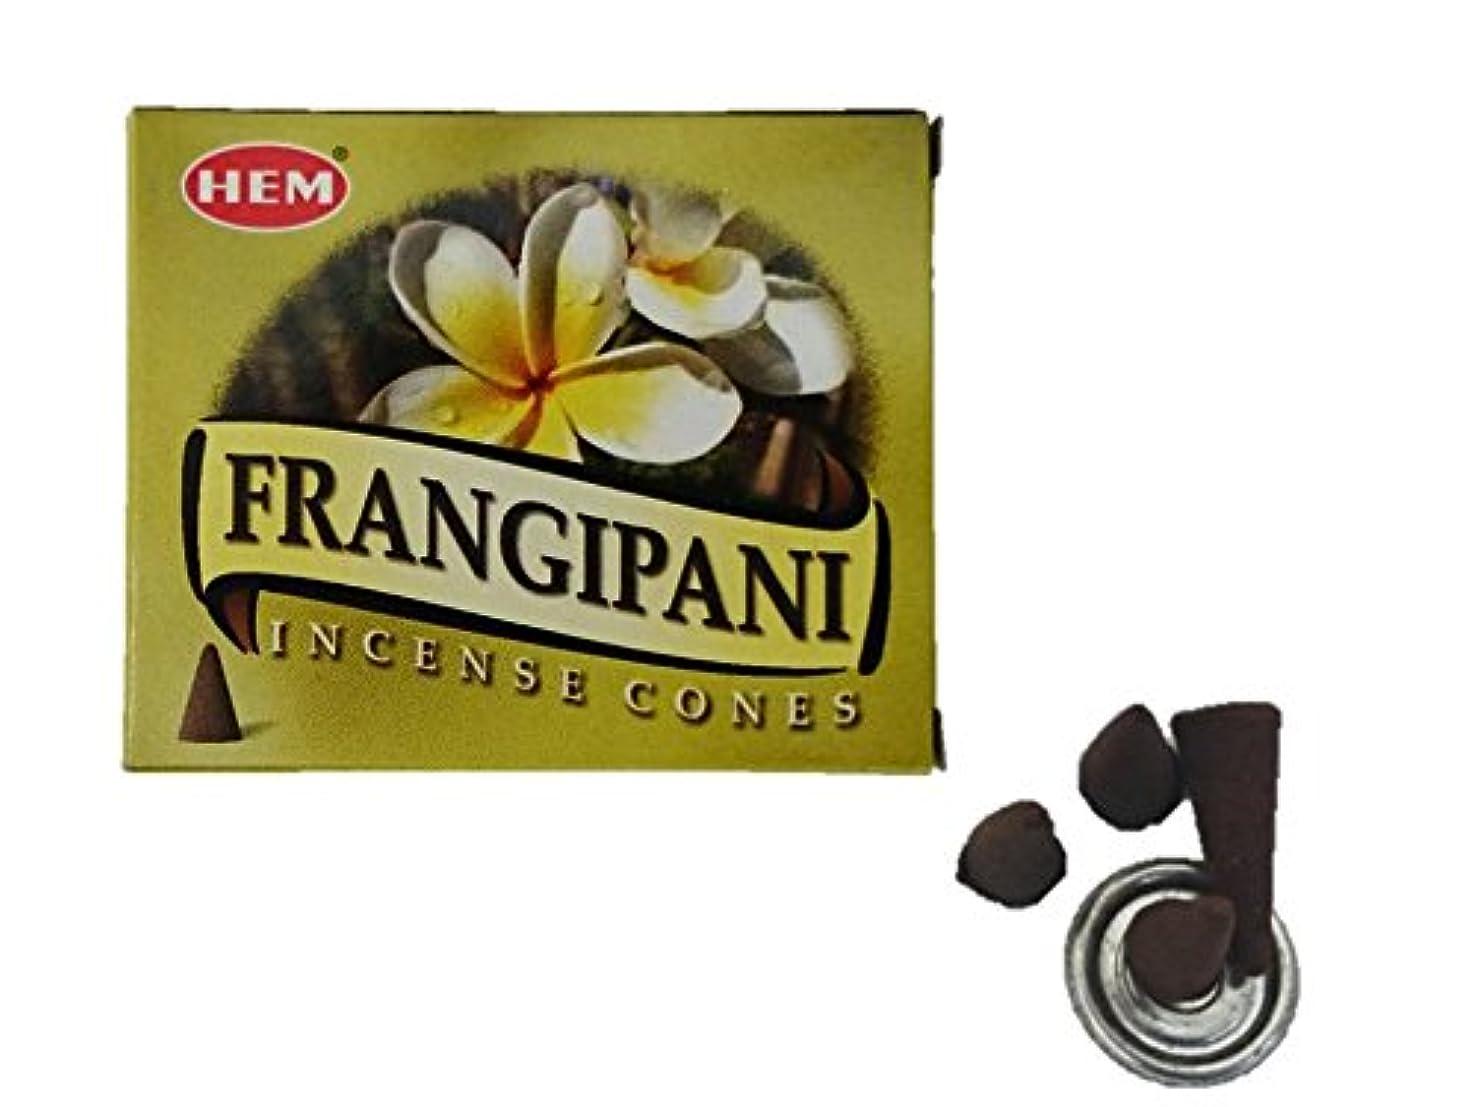 申し込む調和のとれたバンクHEM(ヘム)お香 フランジパニ コーン 1箱